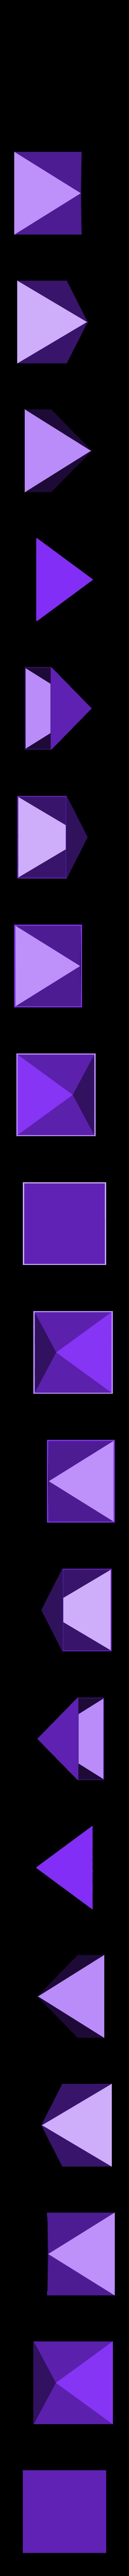 pyramid-mini-universal.stl Télécharger fichier STL gratuit L'application Dome for Atnight • Modèle imprimable en 3D, Duveral